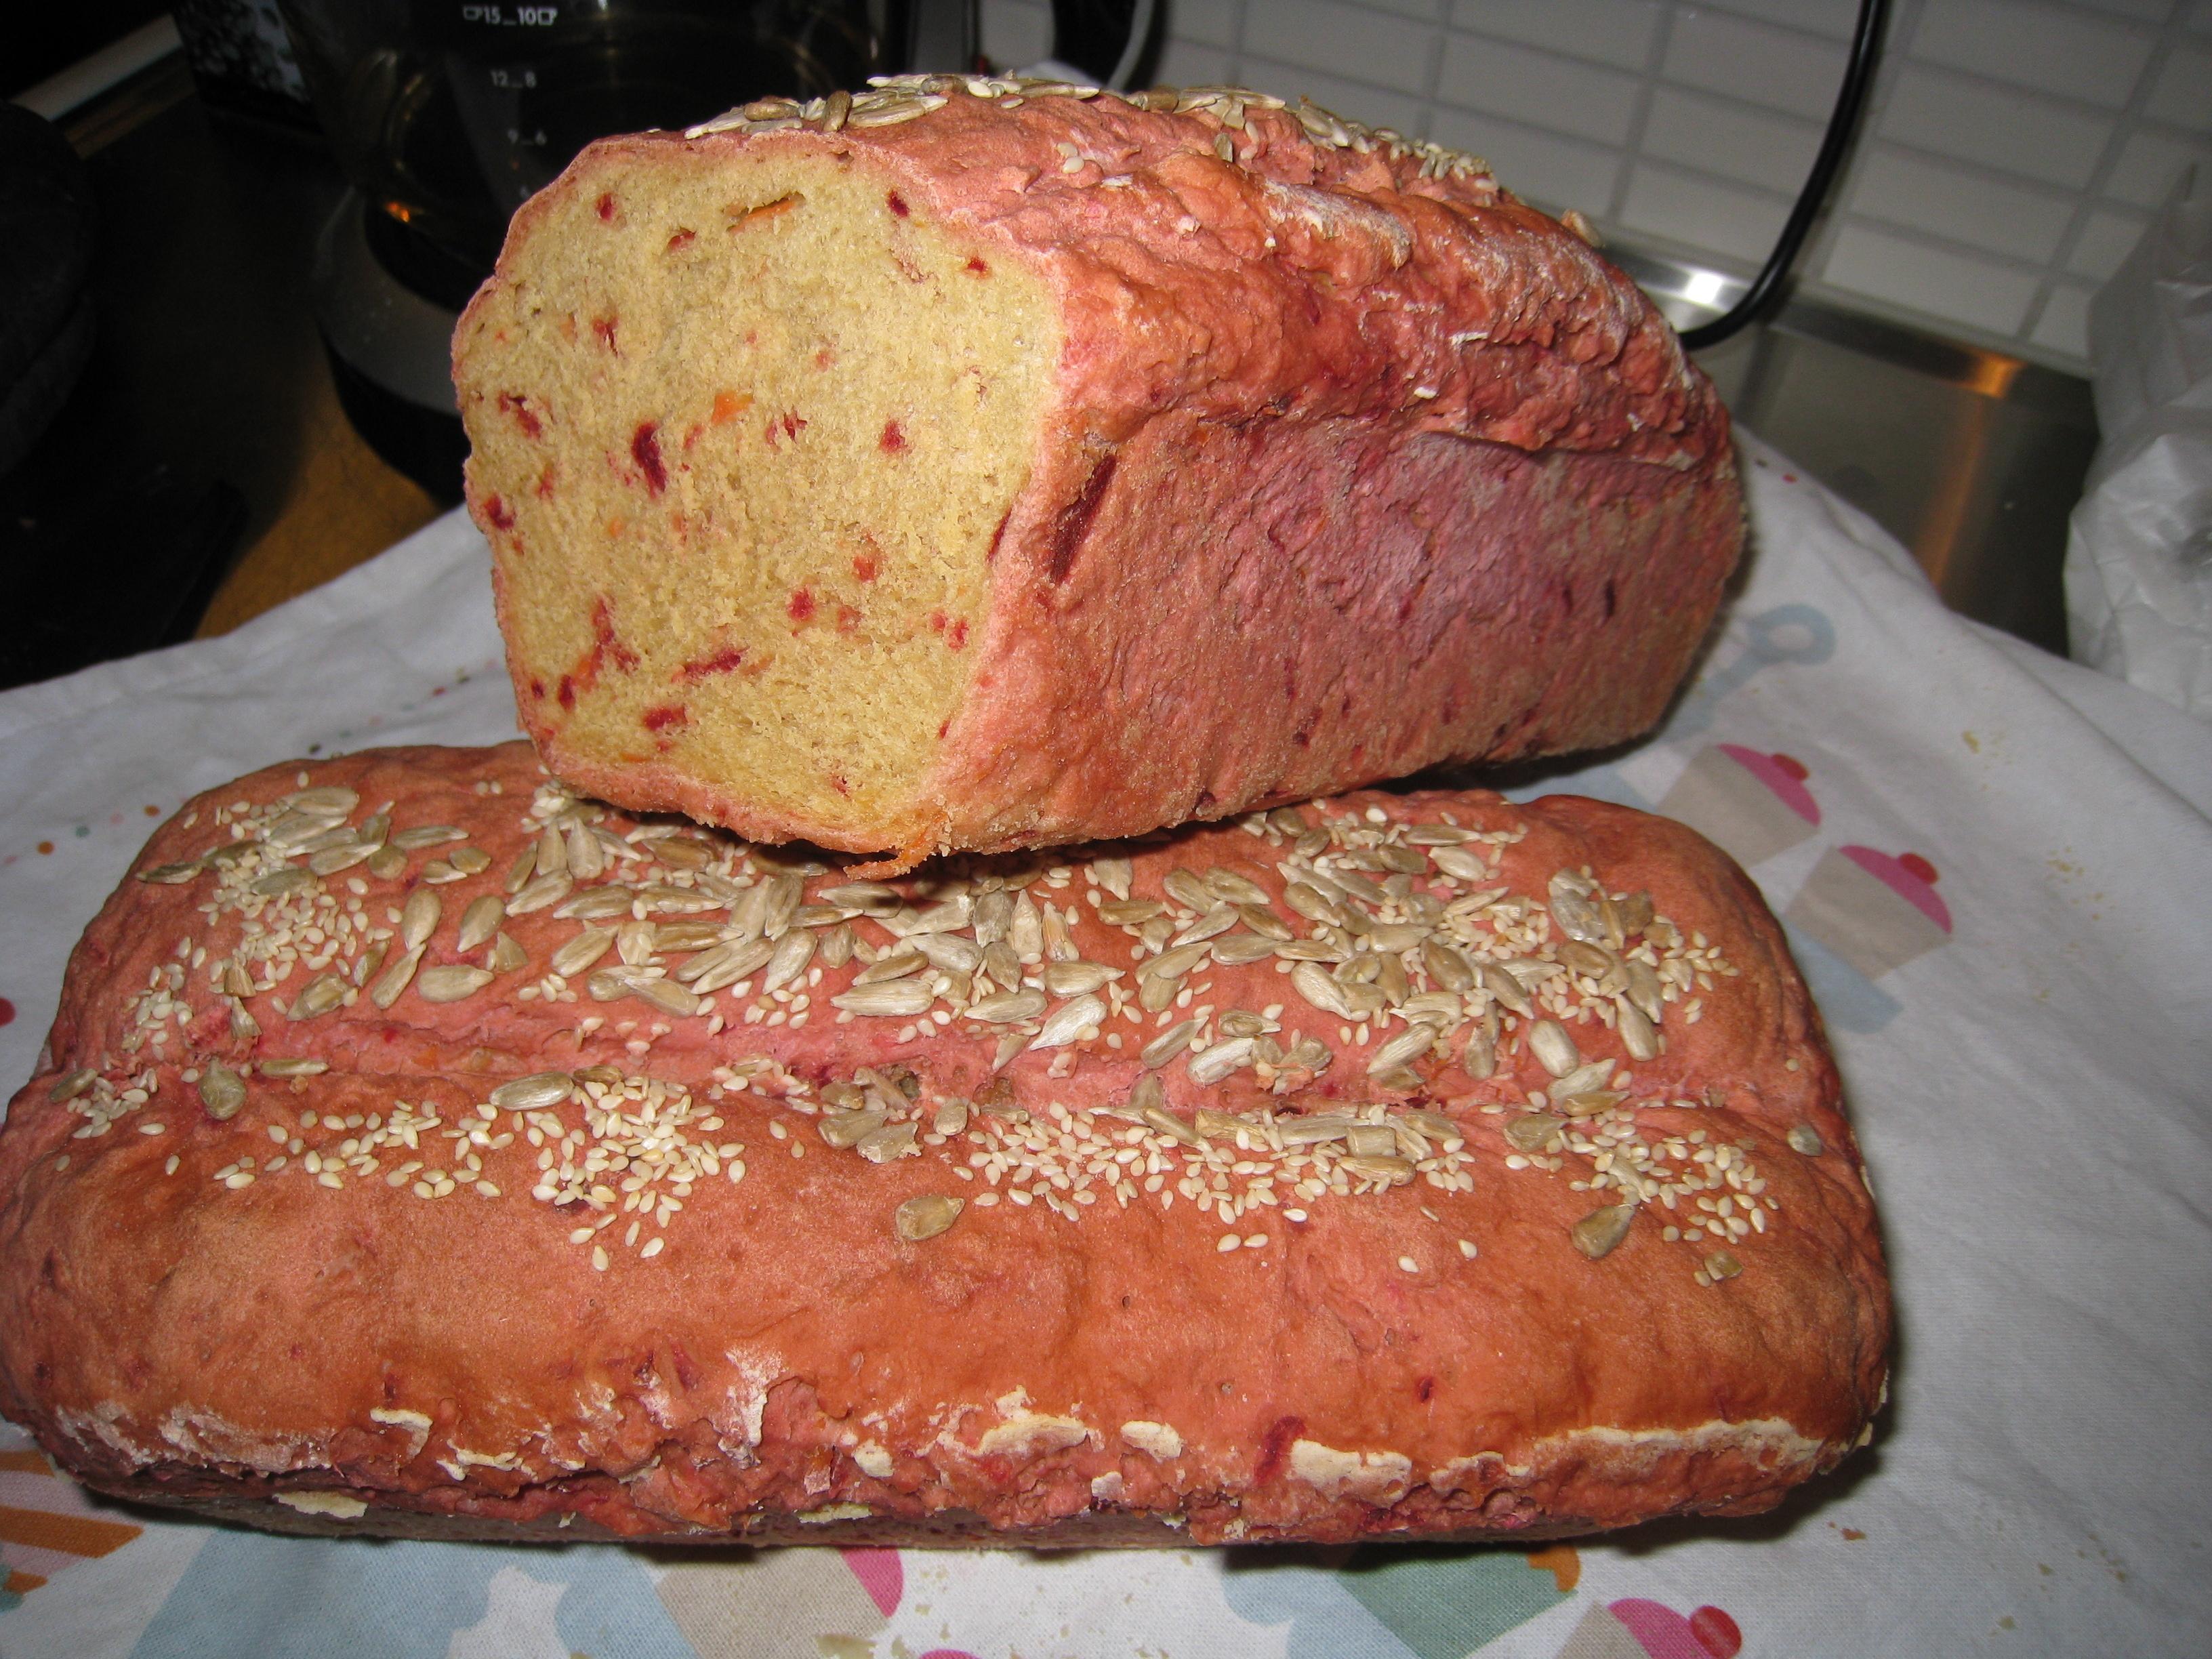 Morotsbröd i form (formbröd)